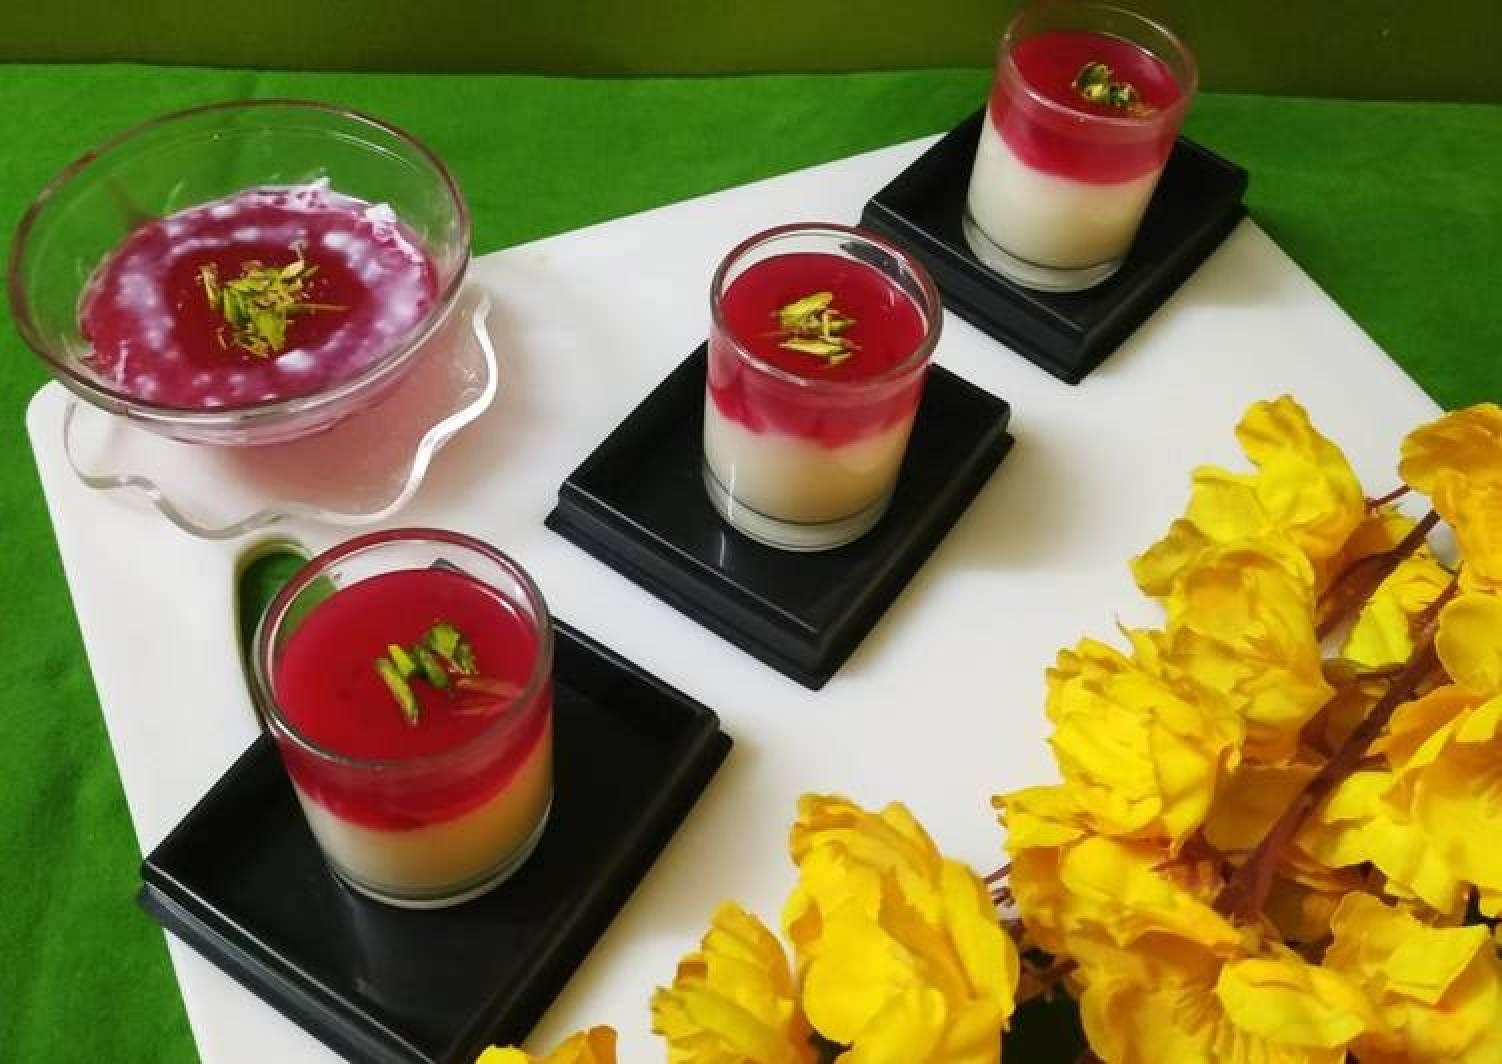 Rose Pudding Without Gelatin / Agar Agar